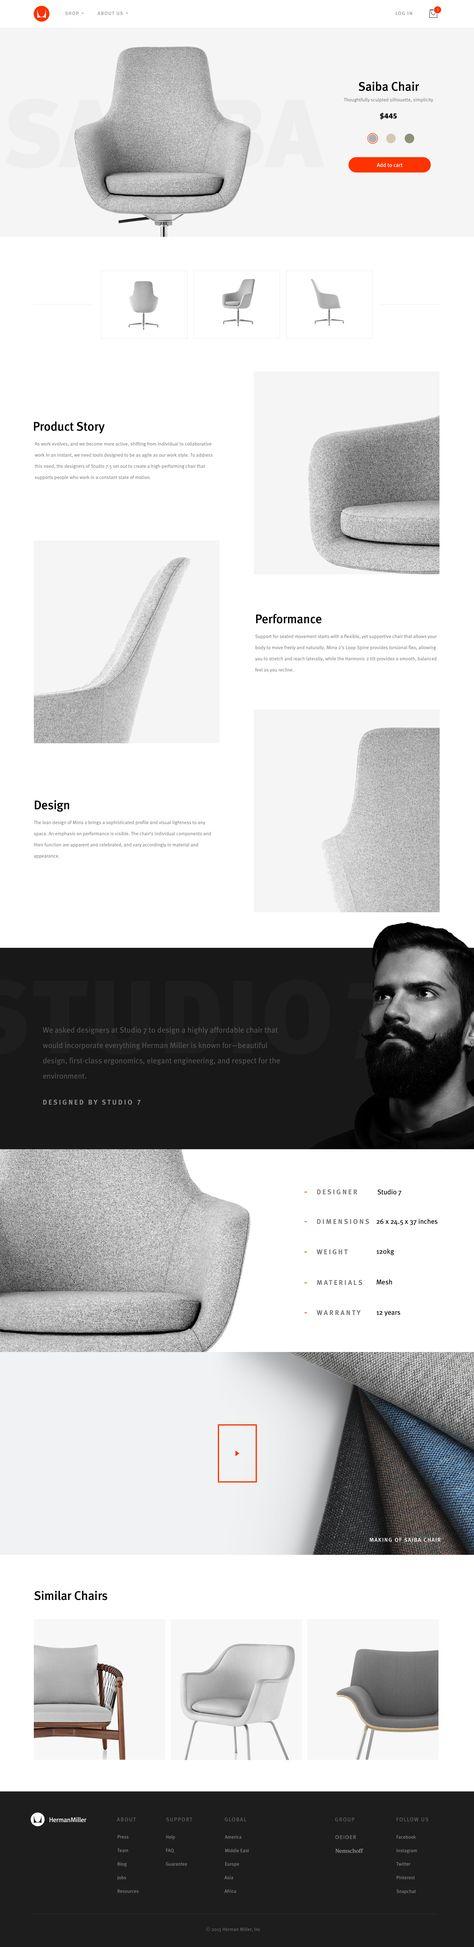 product.jpg by Jekin Gala